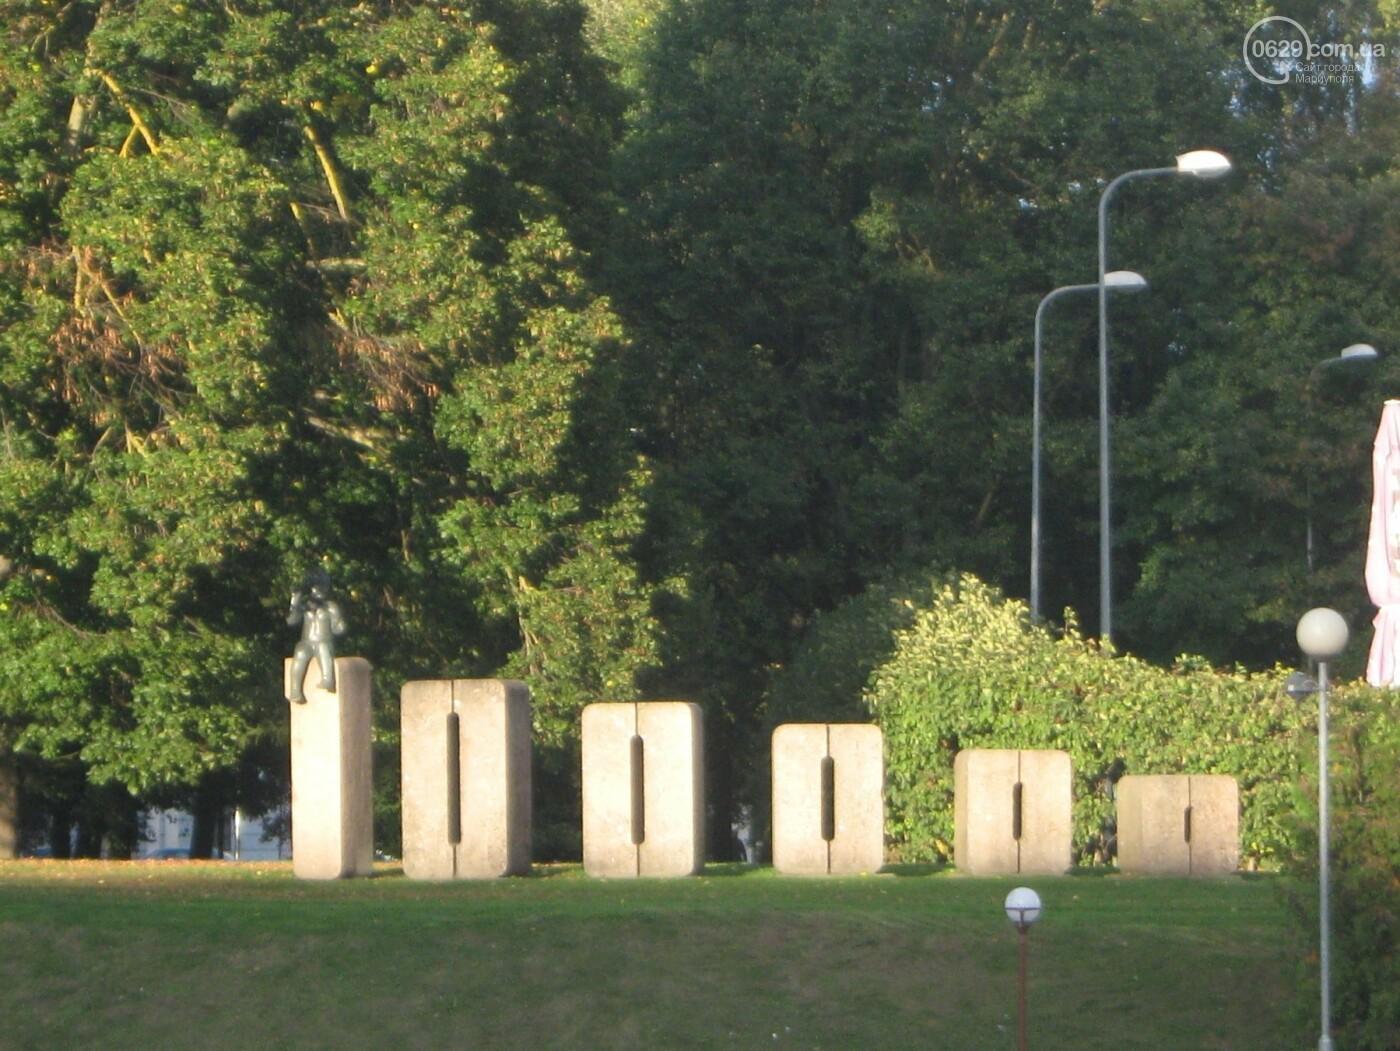 Иностранцы скрываются в Мариуполе от алиментов. Тревел стори с Сергеем Коссе. Тарту, - ФОТО, фото-15